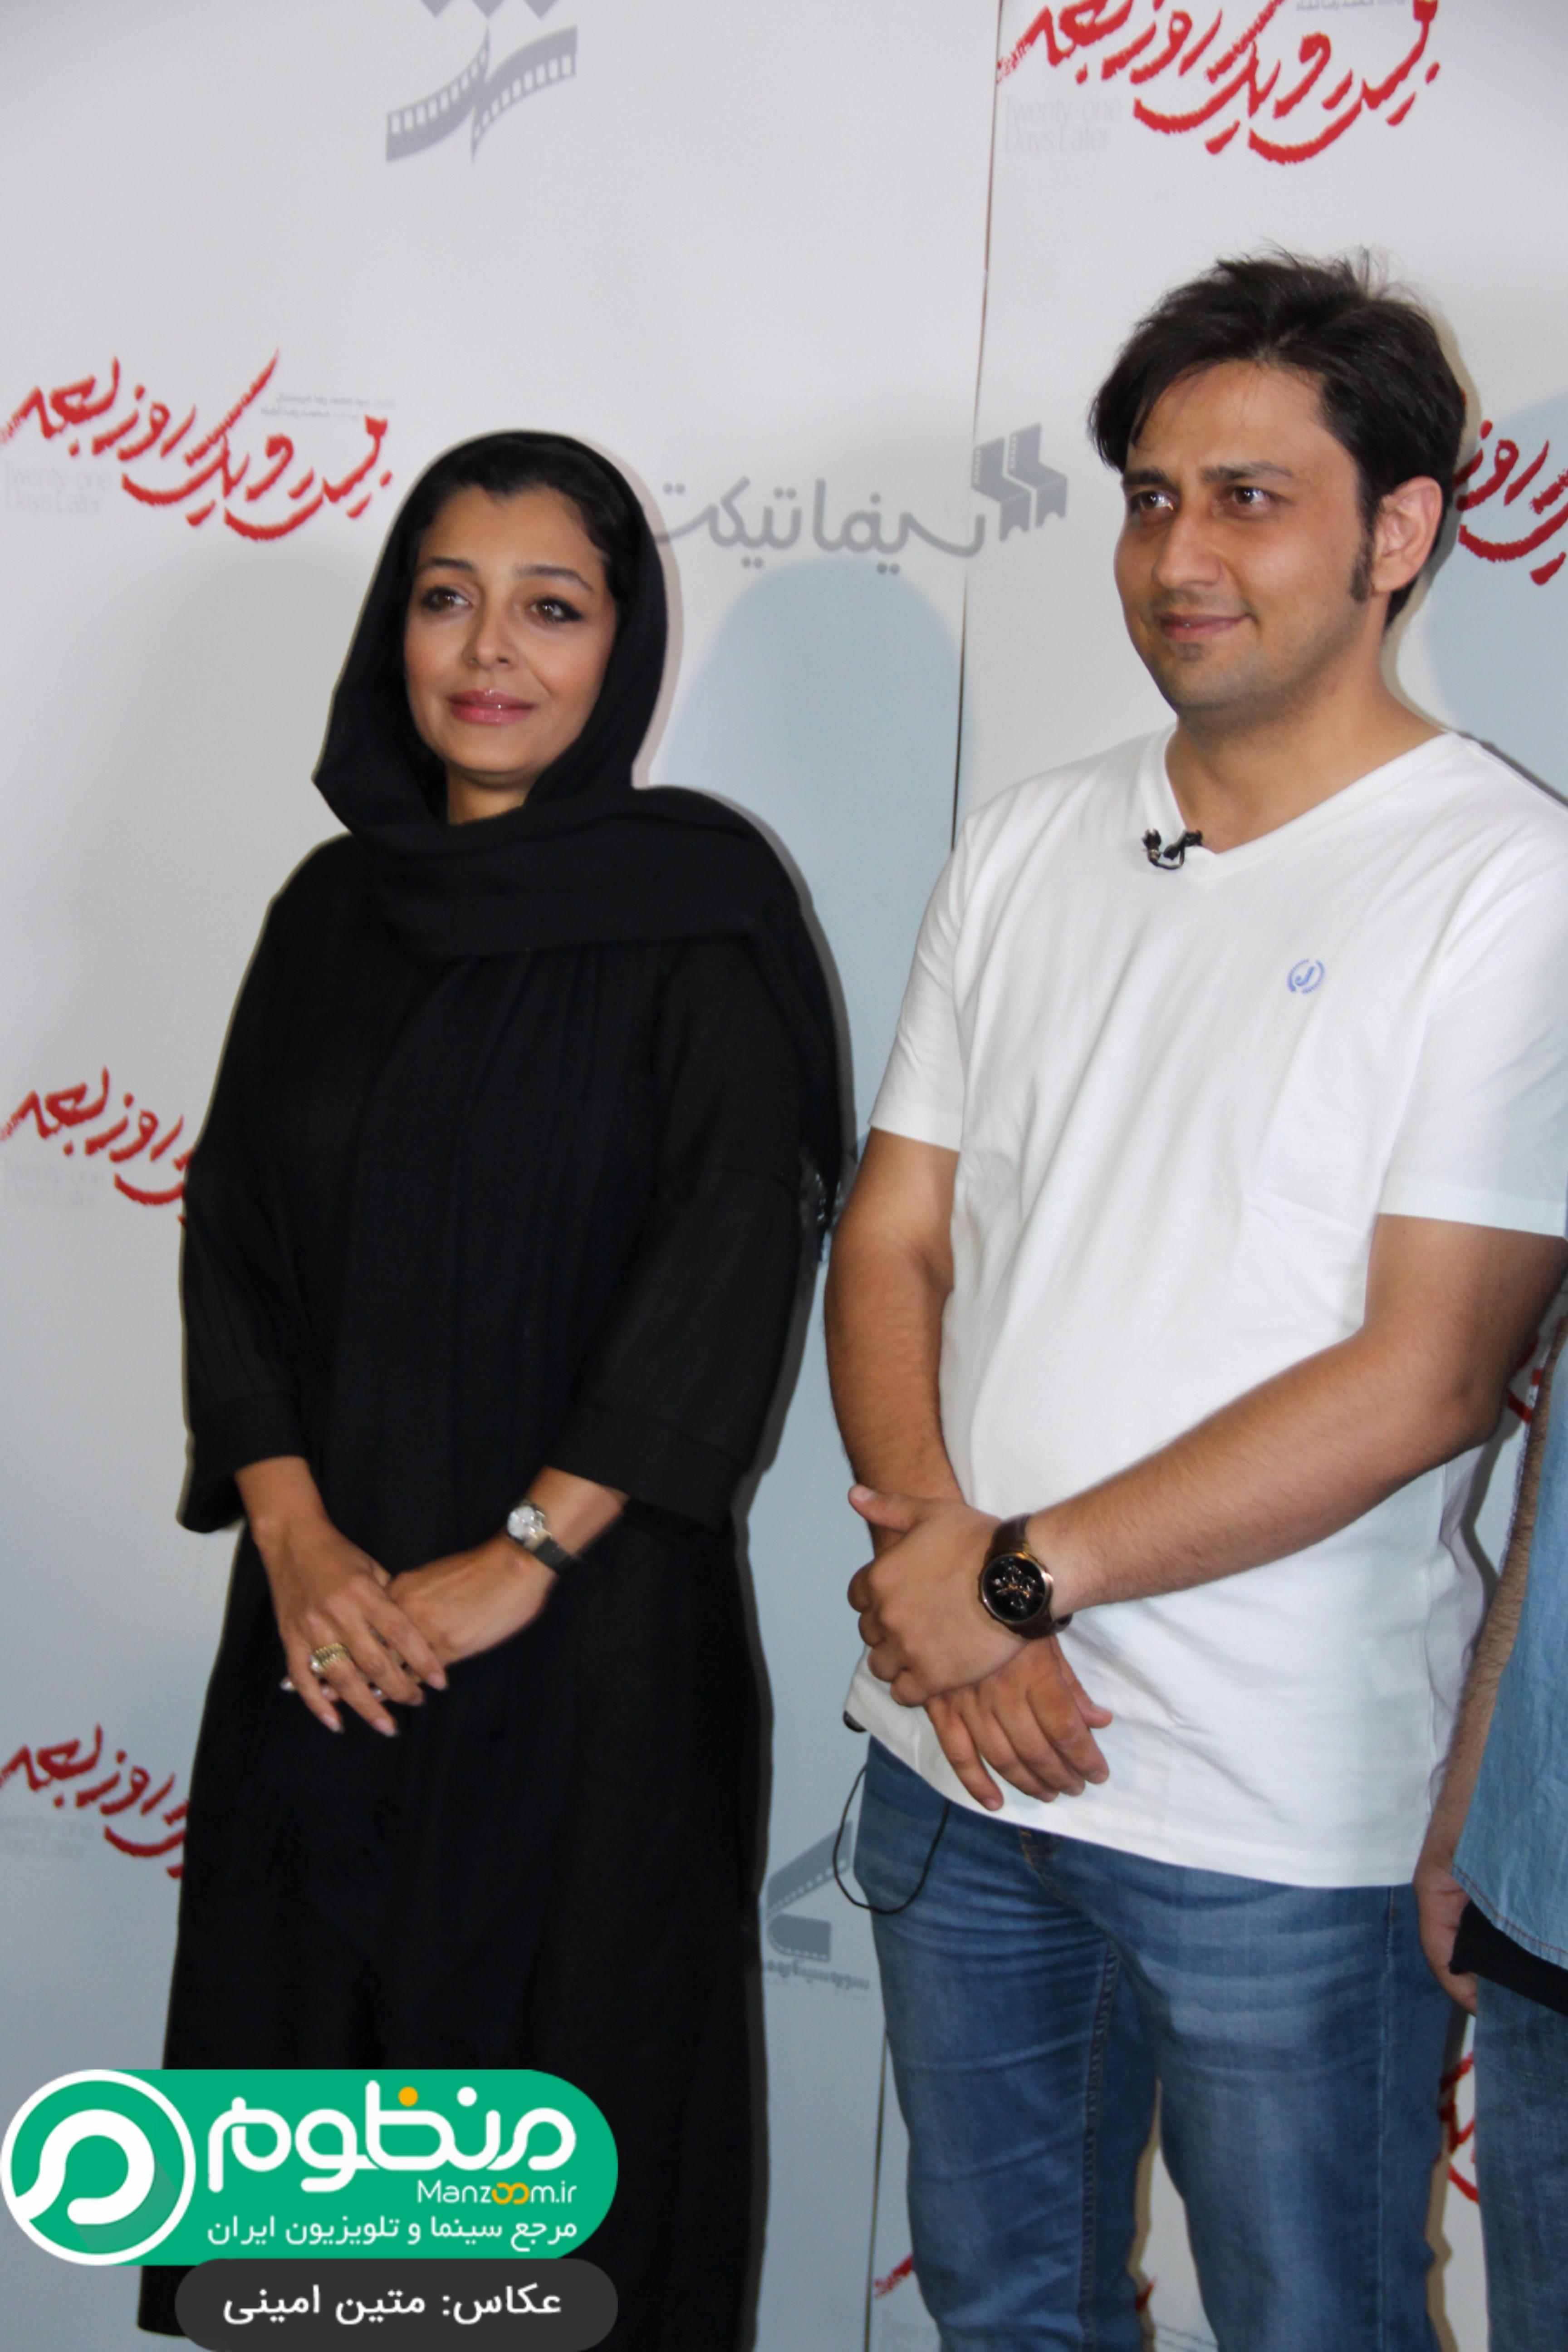 ساره بیات و محمدرضا خردمندان در افتتاحیه فیلم 21 روز بعد